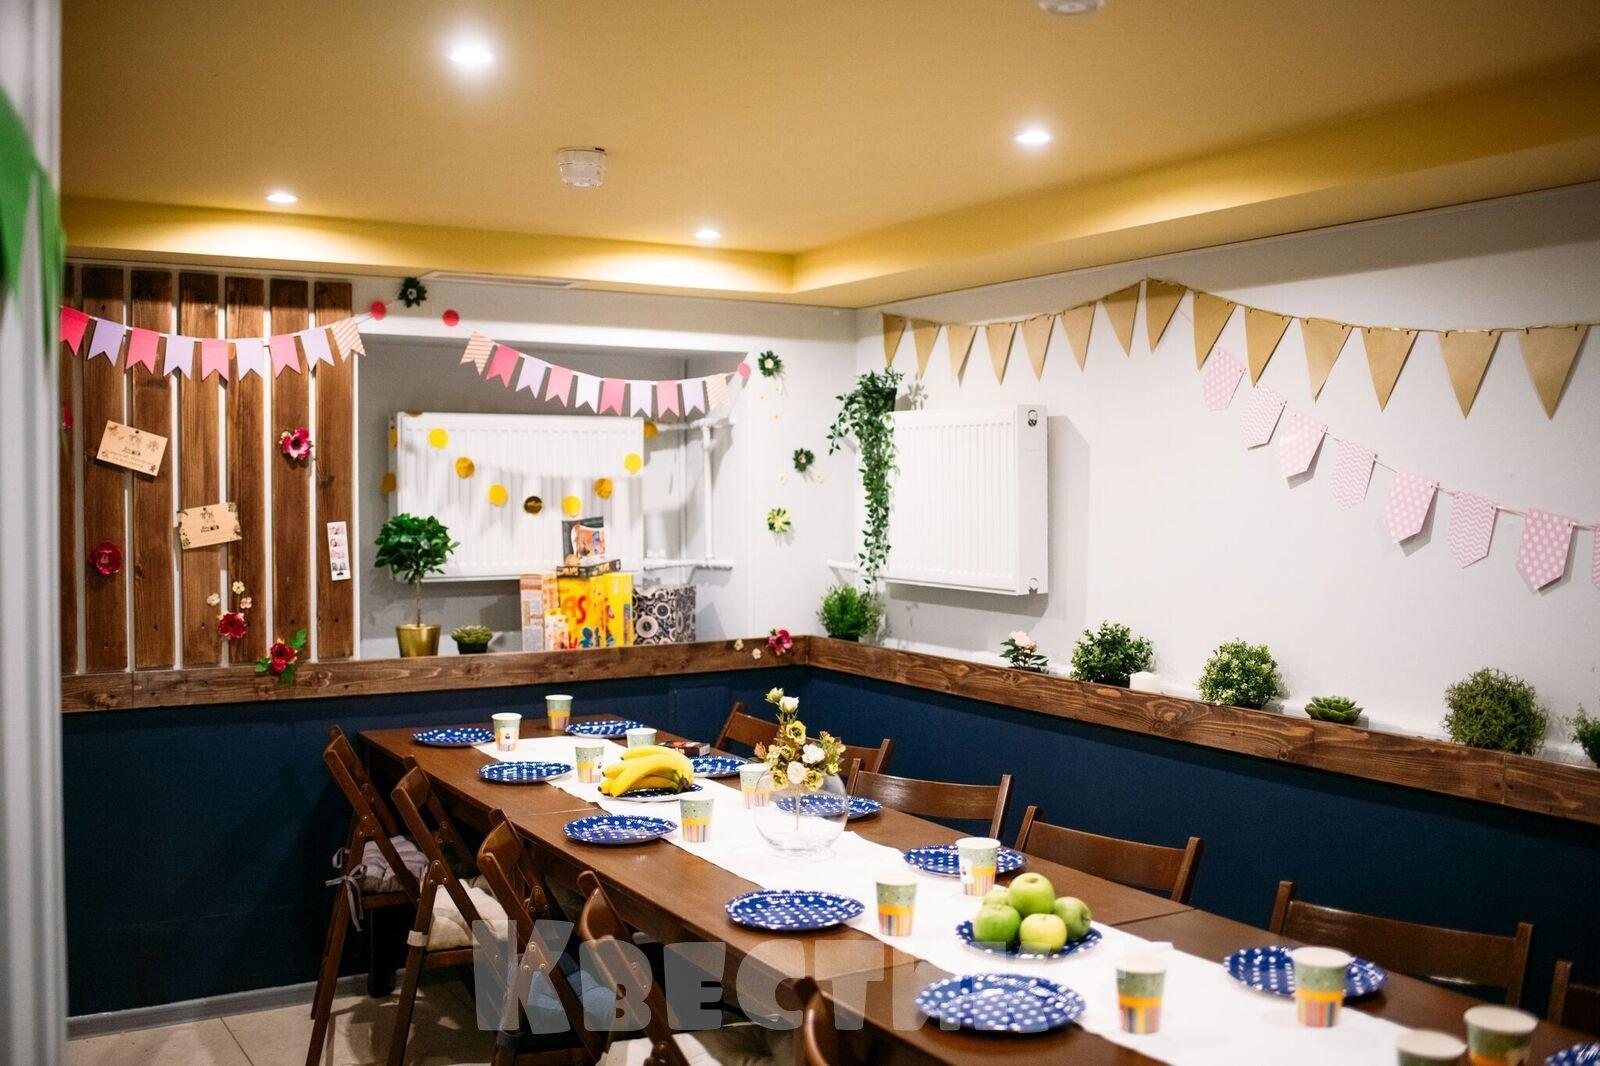 Аренда комнаты для празднования дня рождения ребёнка в Санкт-Петербурге